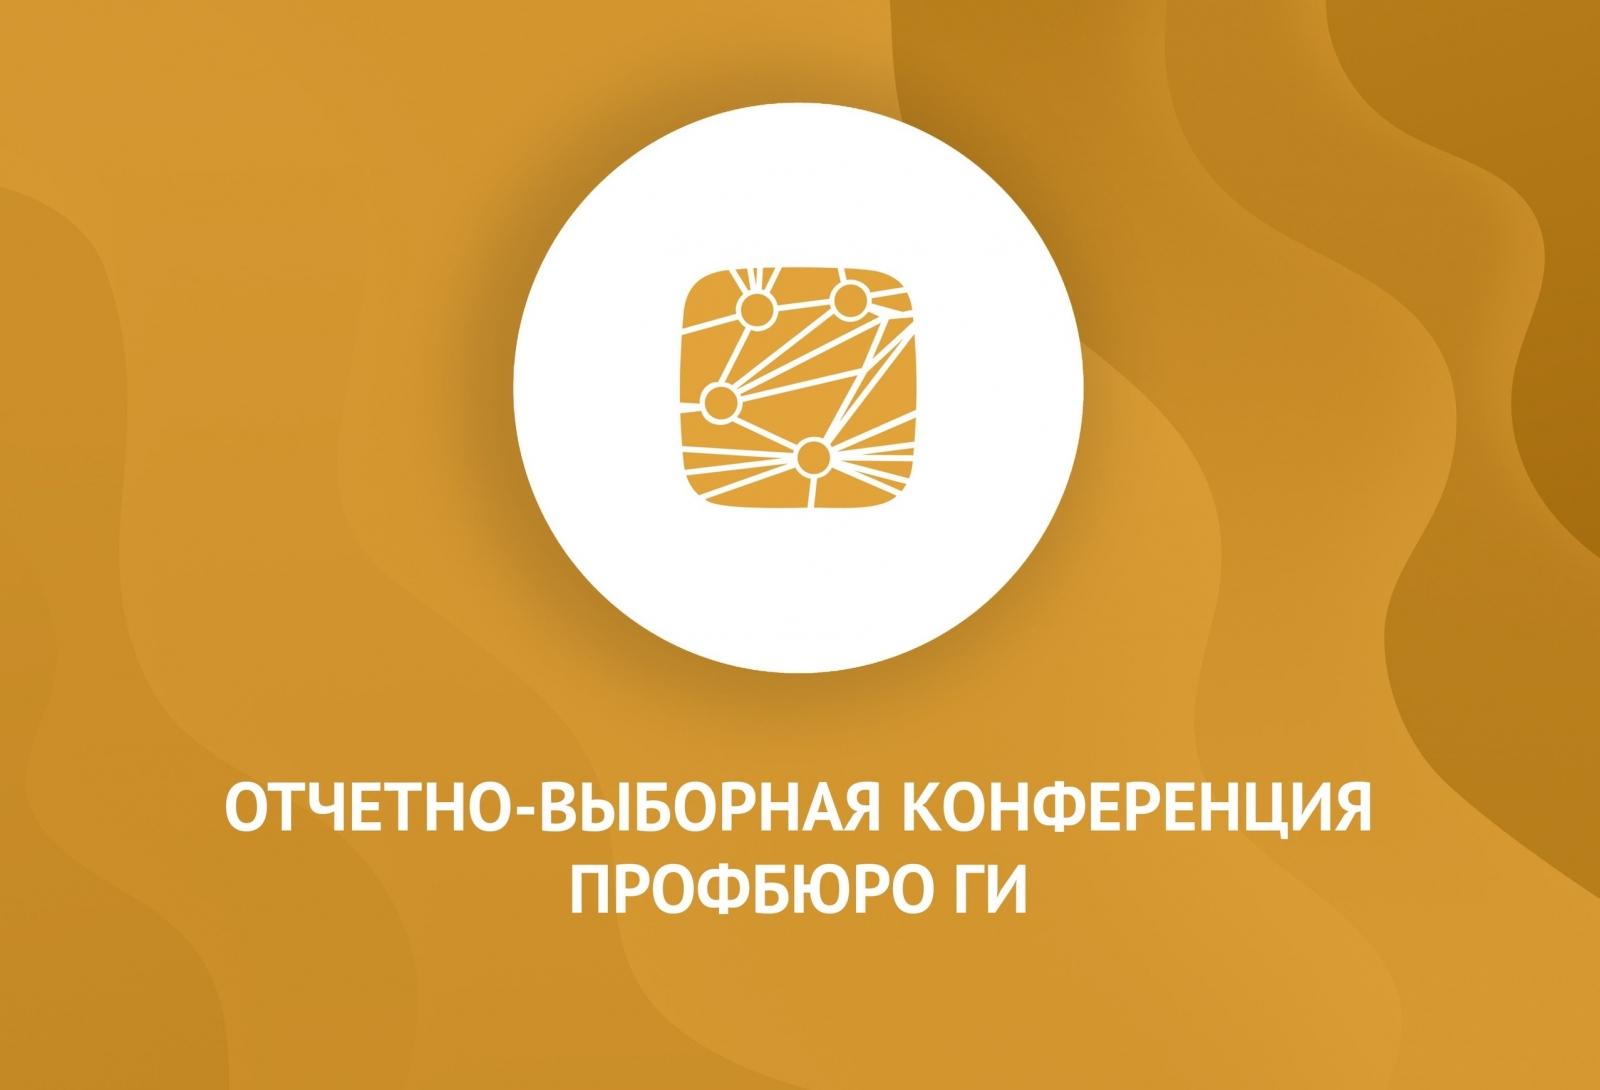 Отчетно-выборная конференция профбюро ГИ